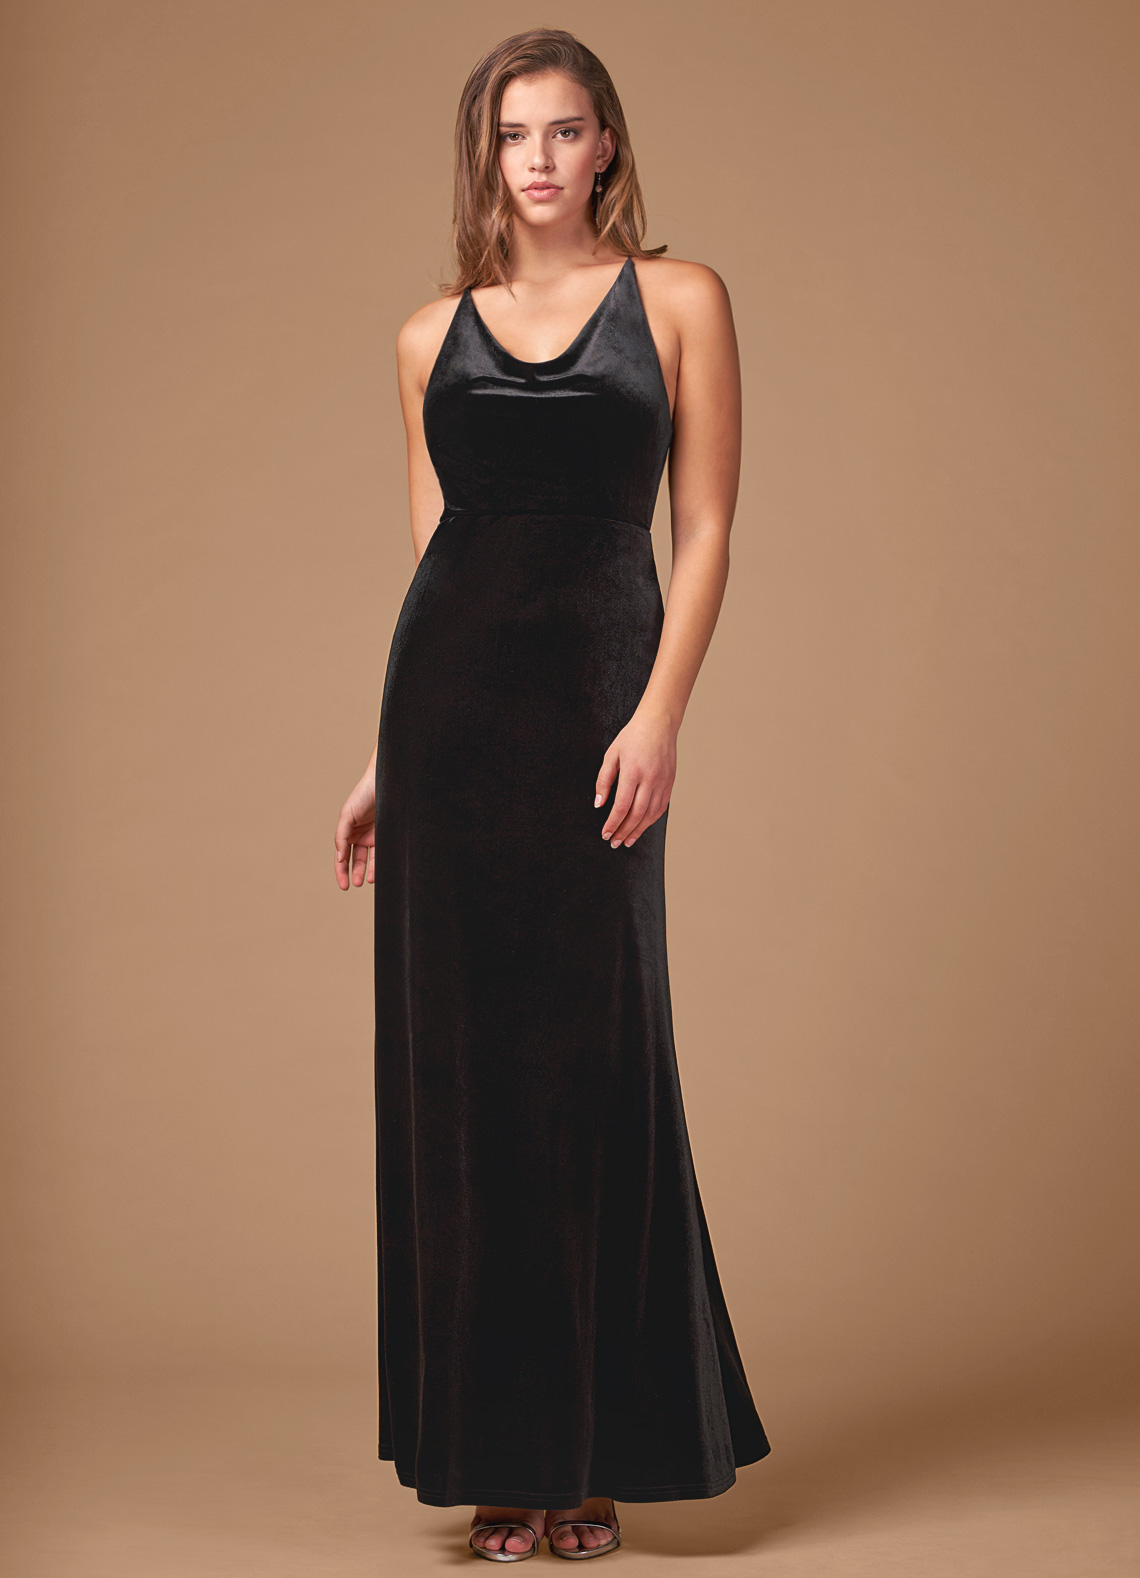 Long v-neck black velvet bridesmaid dress